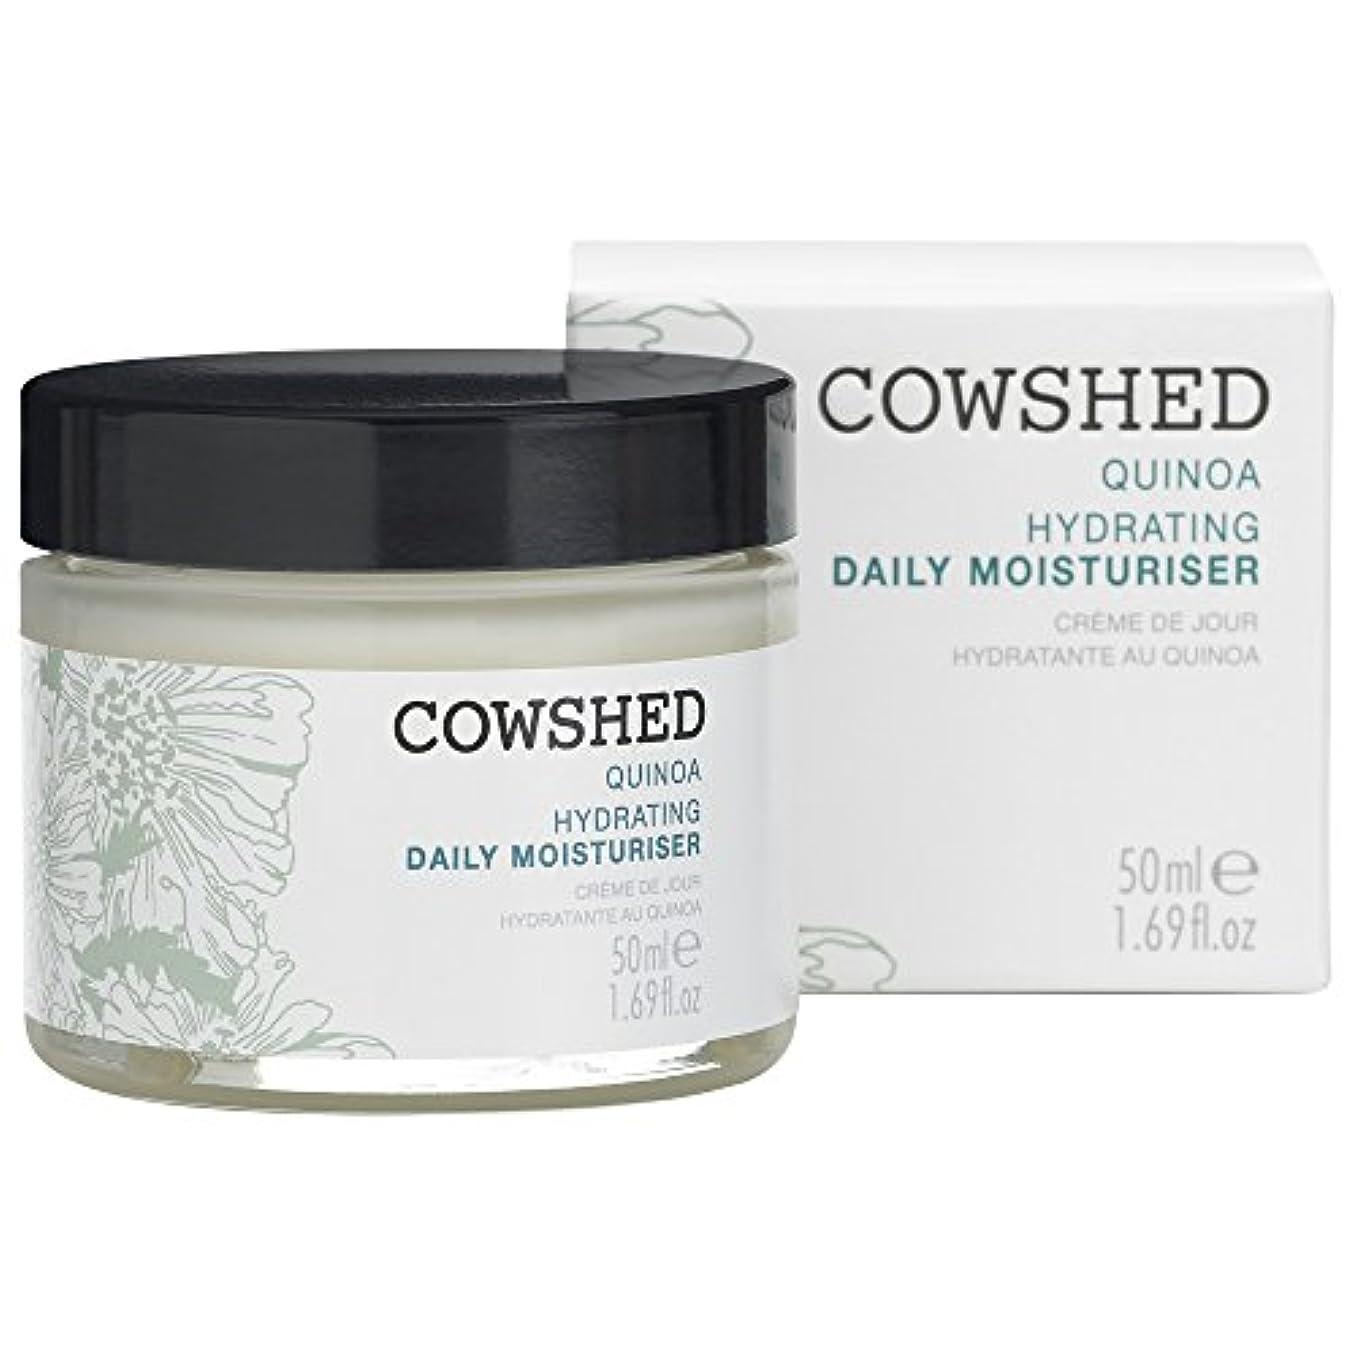 ムス形容詞エアコン牛舎キノア水和毎日の保湿クリーム50Ml (Cowshed) (x6) - Cowshed Quinoa Hydrating Daily Moisturiser 50ml (Pack of 6) [並行輸入品]